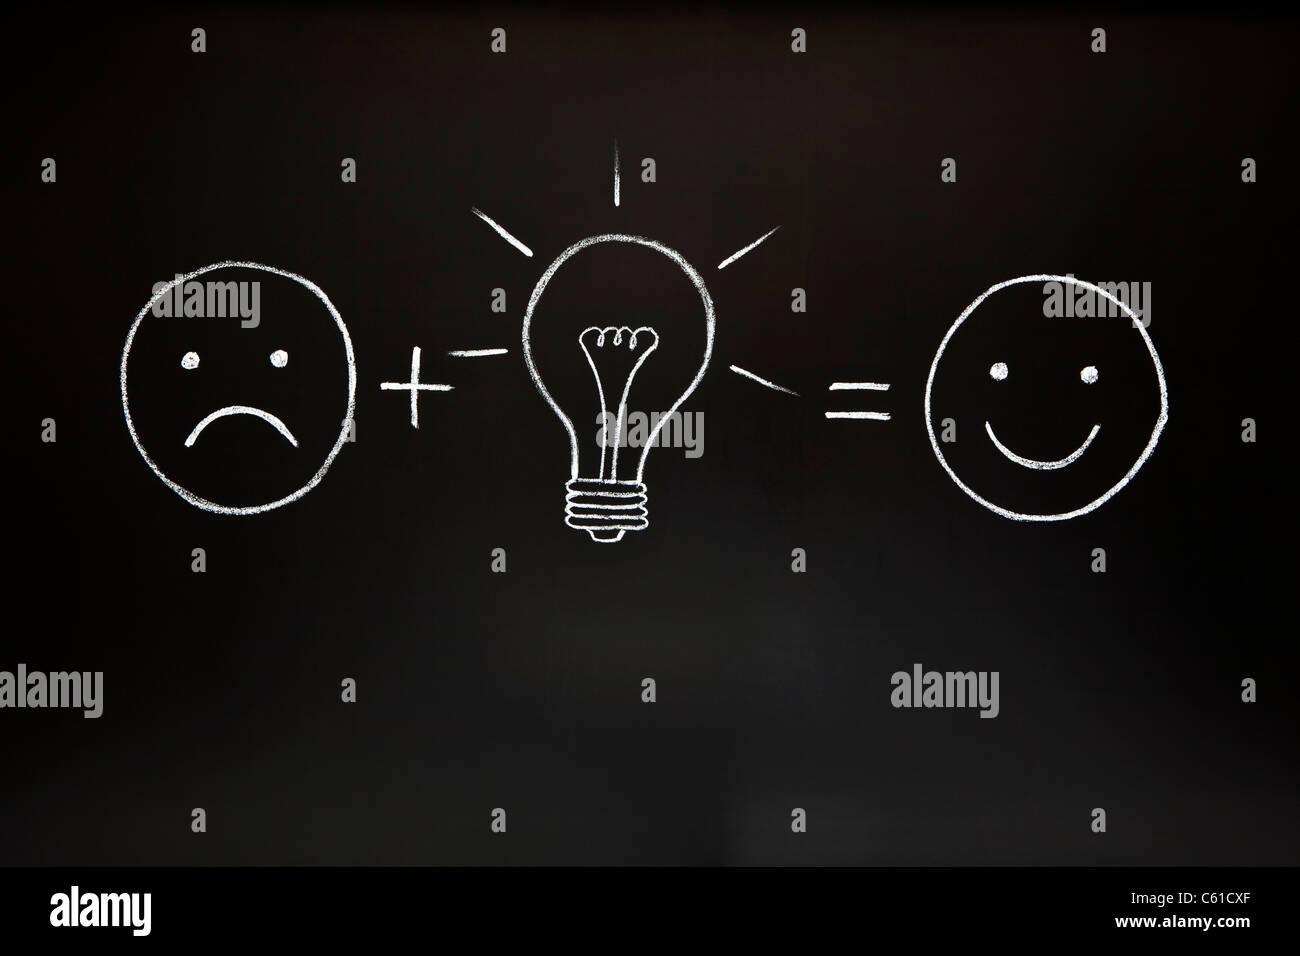 Una buena idea puede cambiar todo! Concepto creativo, ilustrado con tiza en una pizarra. Imagen De Stock